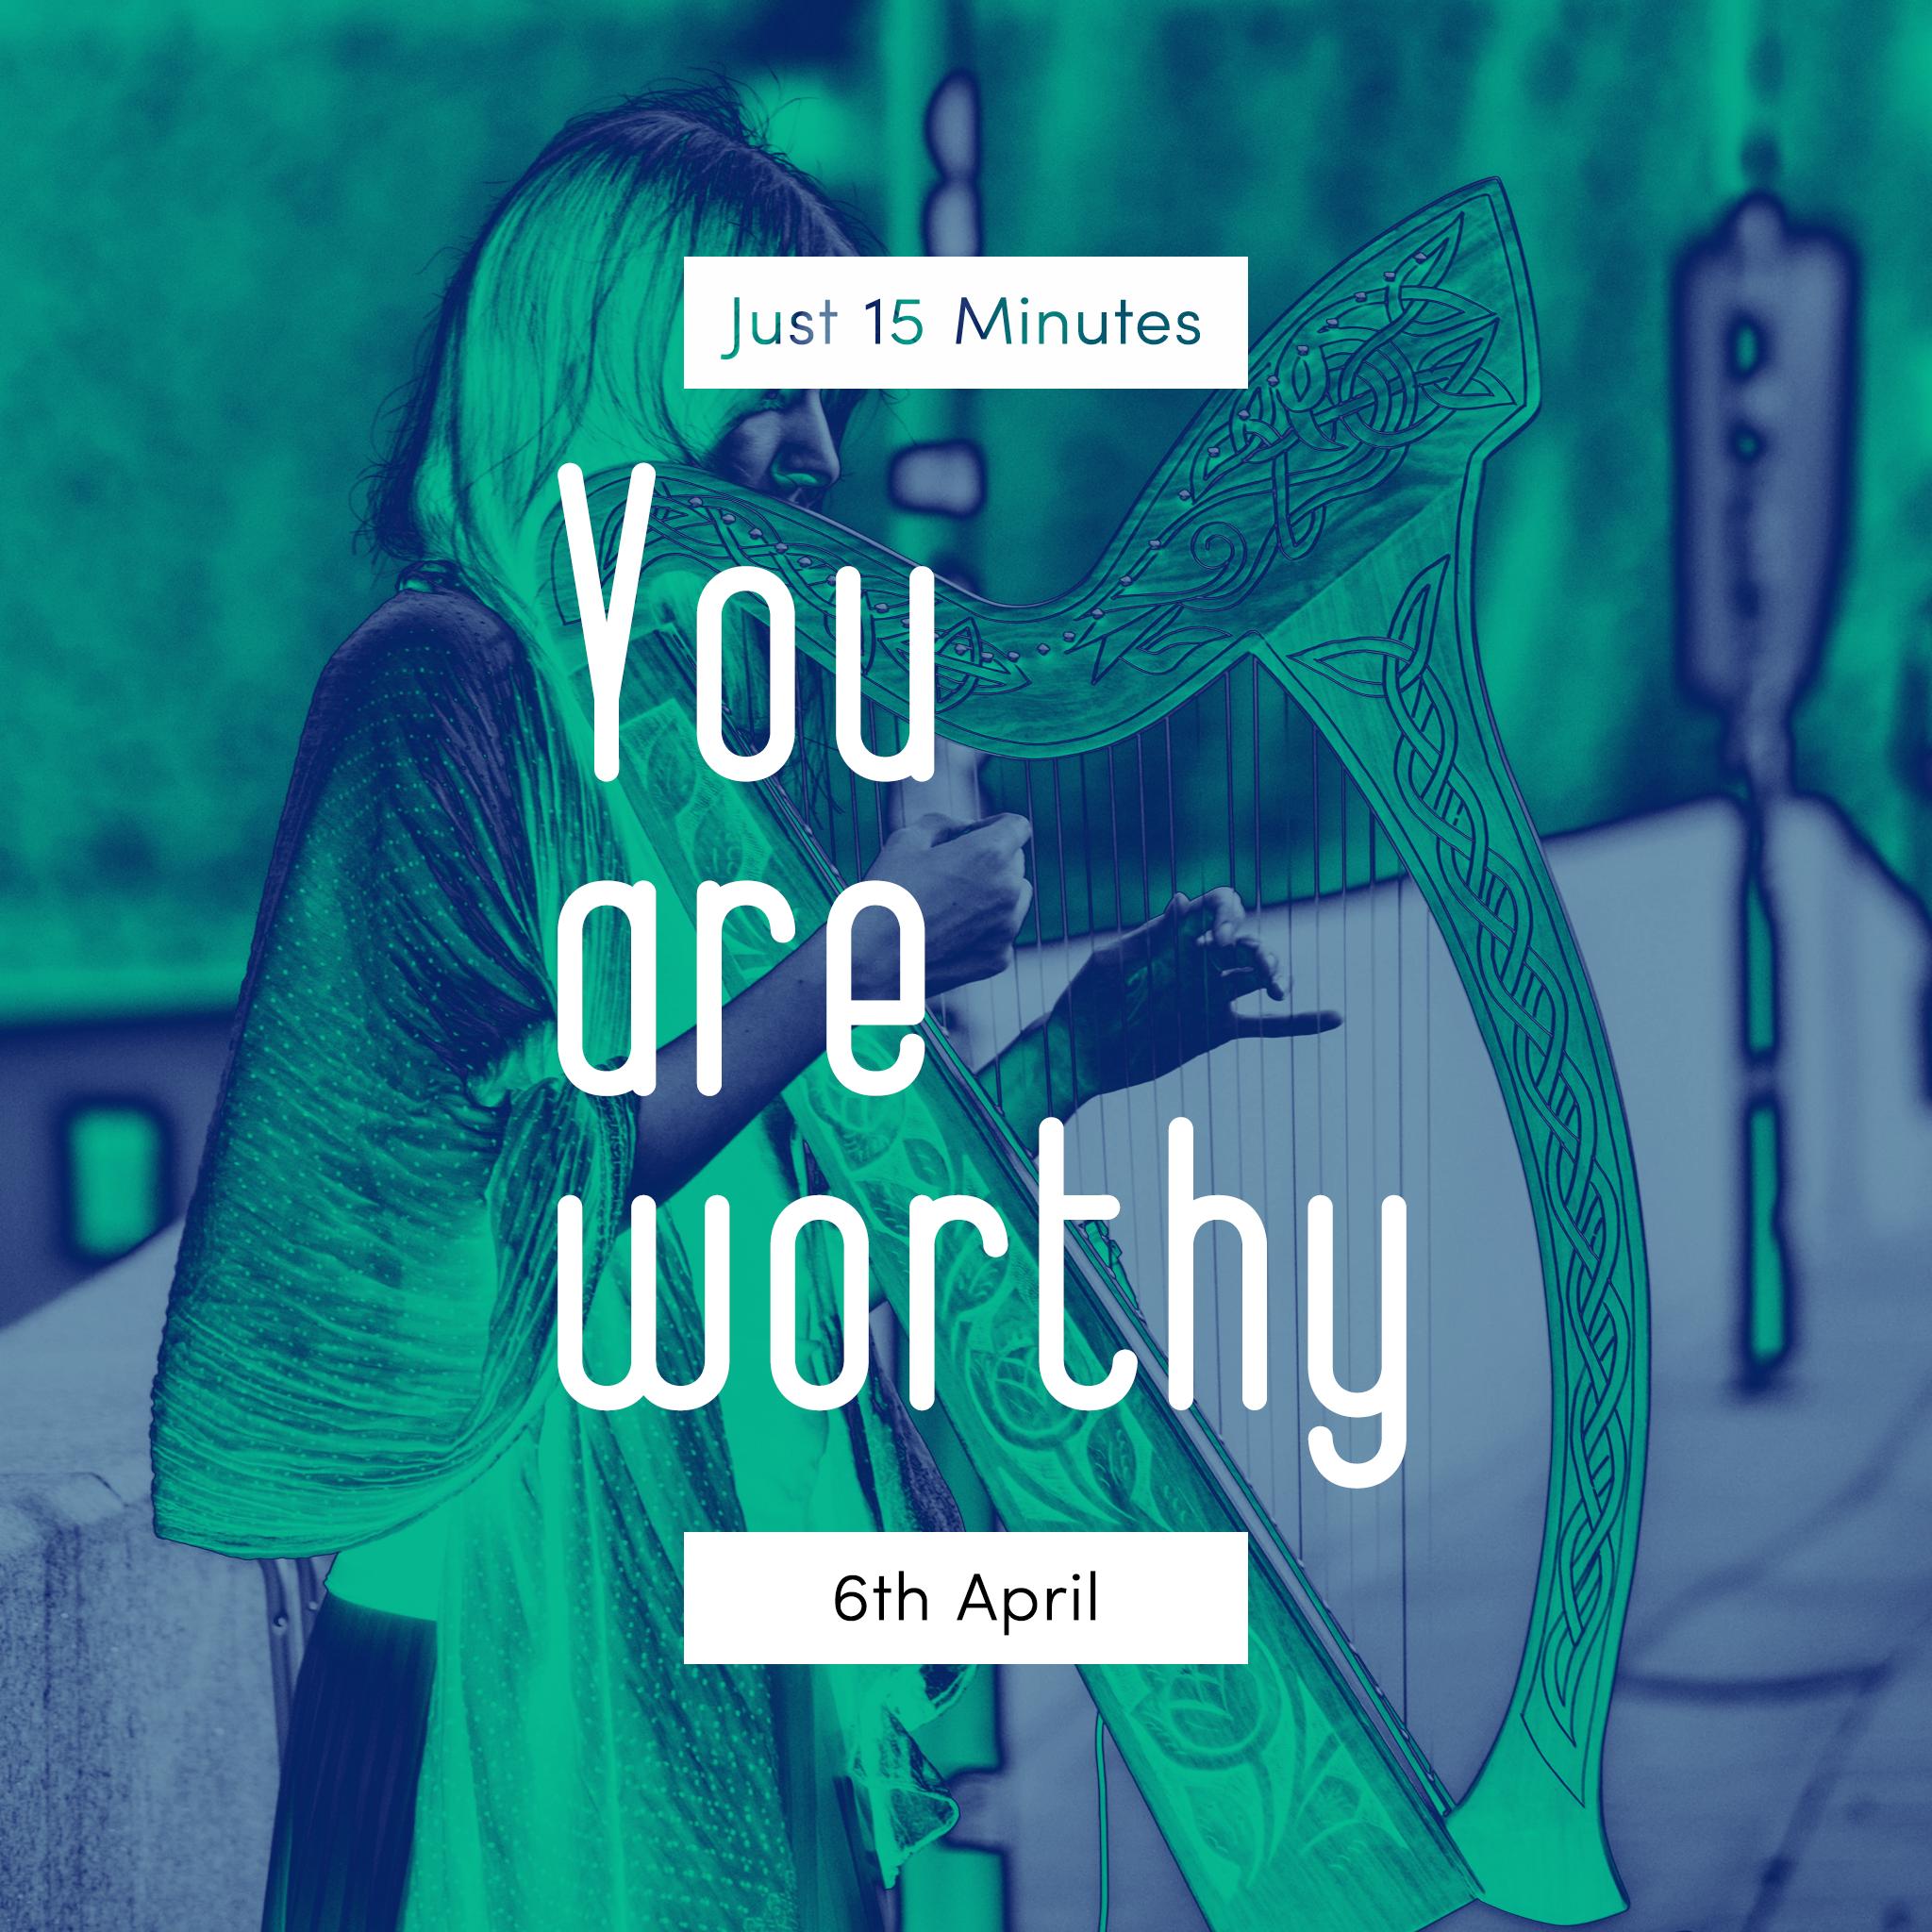 6th April - Just 15 Minutes